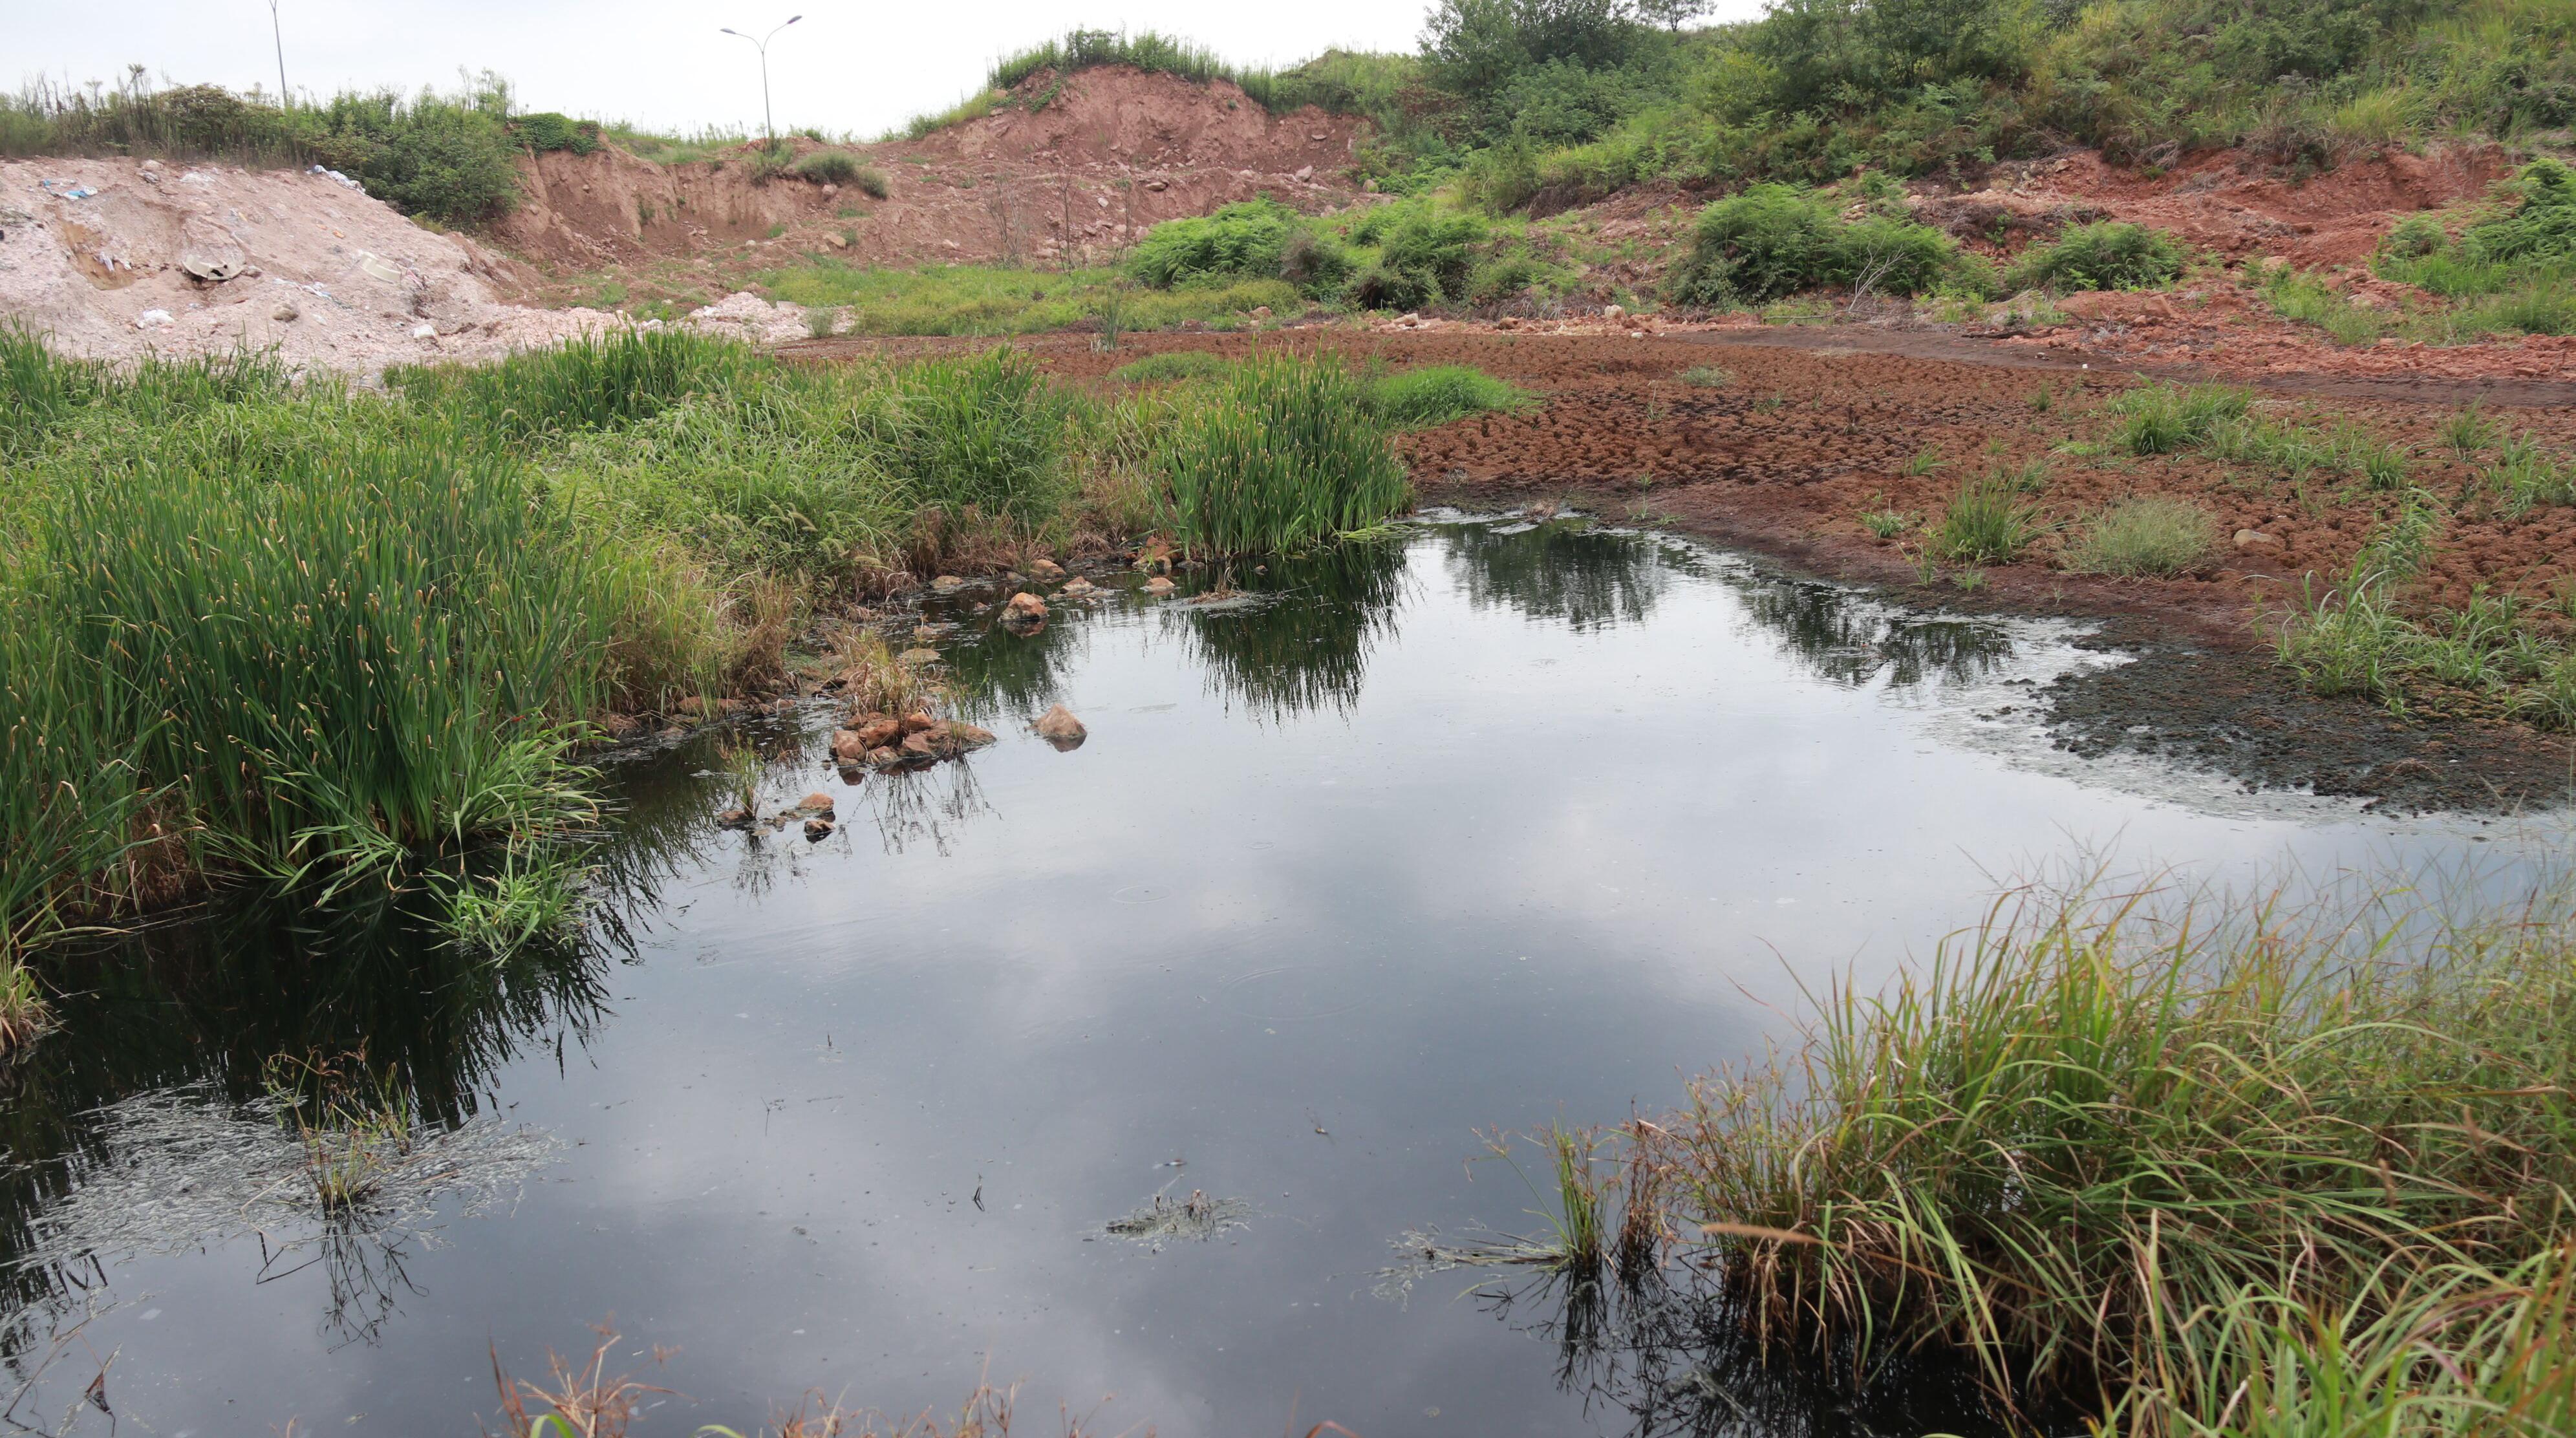 金东区一山坳偷倒大量工业污泥 当地回应:检测后进行处置